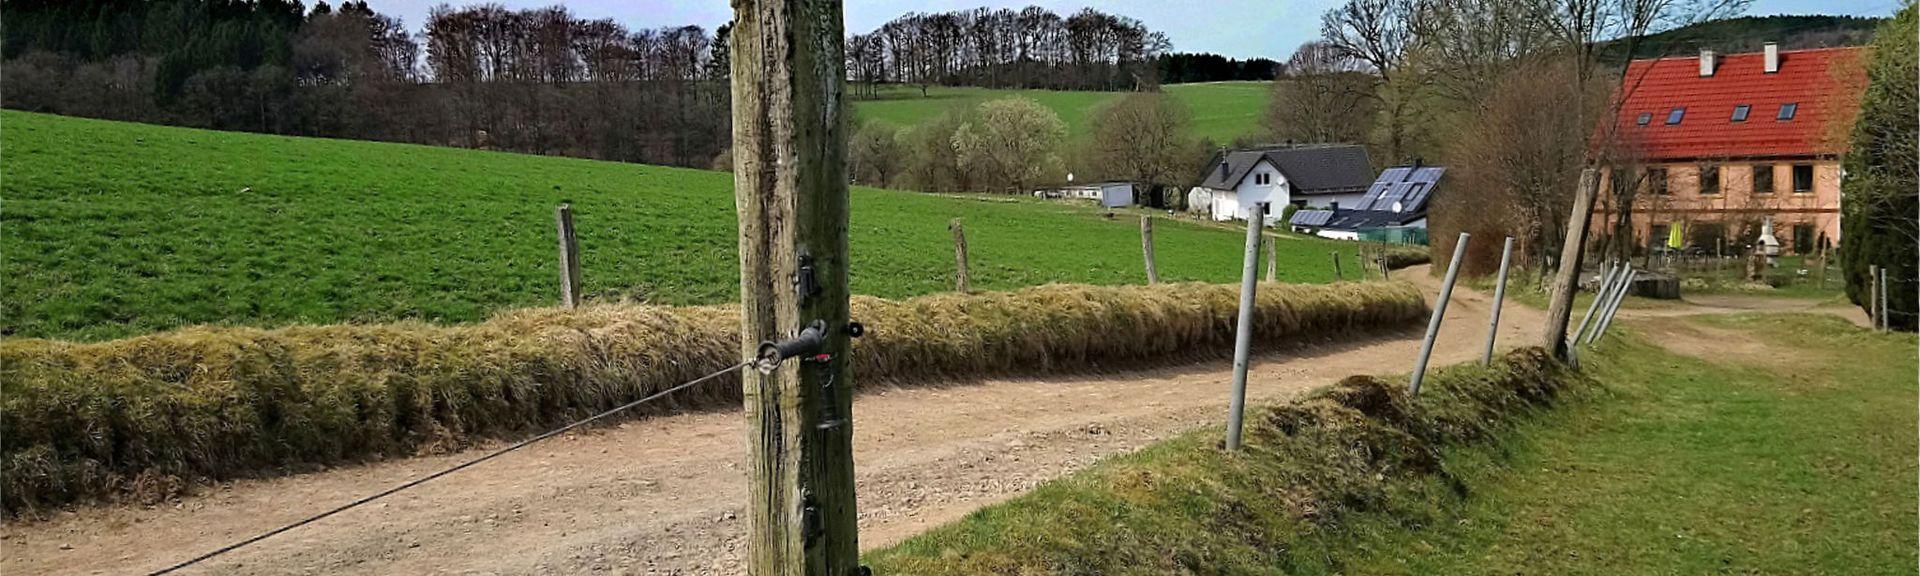 Ennepetal, Nordrhein-Westfalen, Deutschland